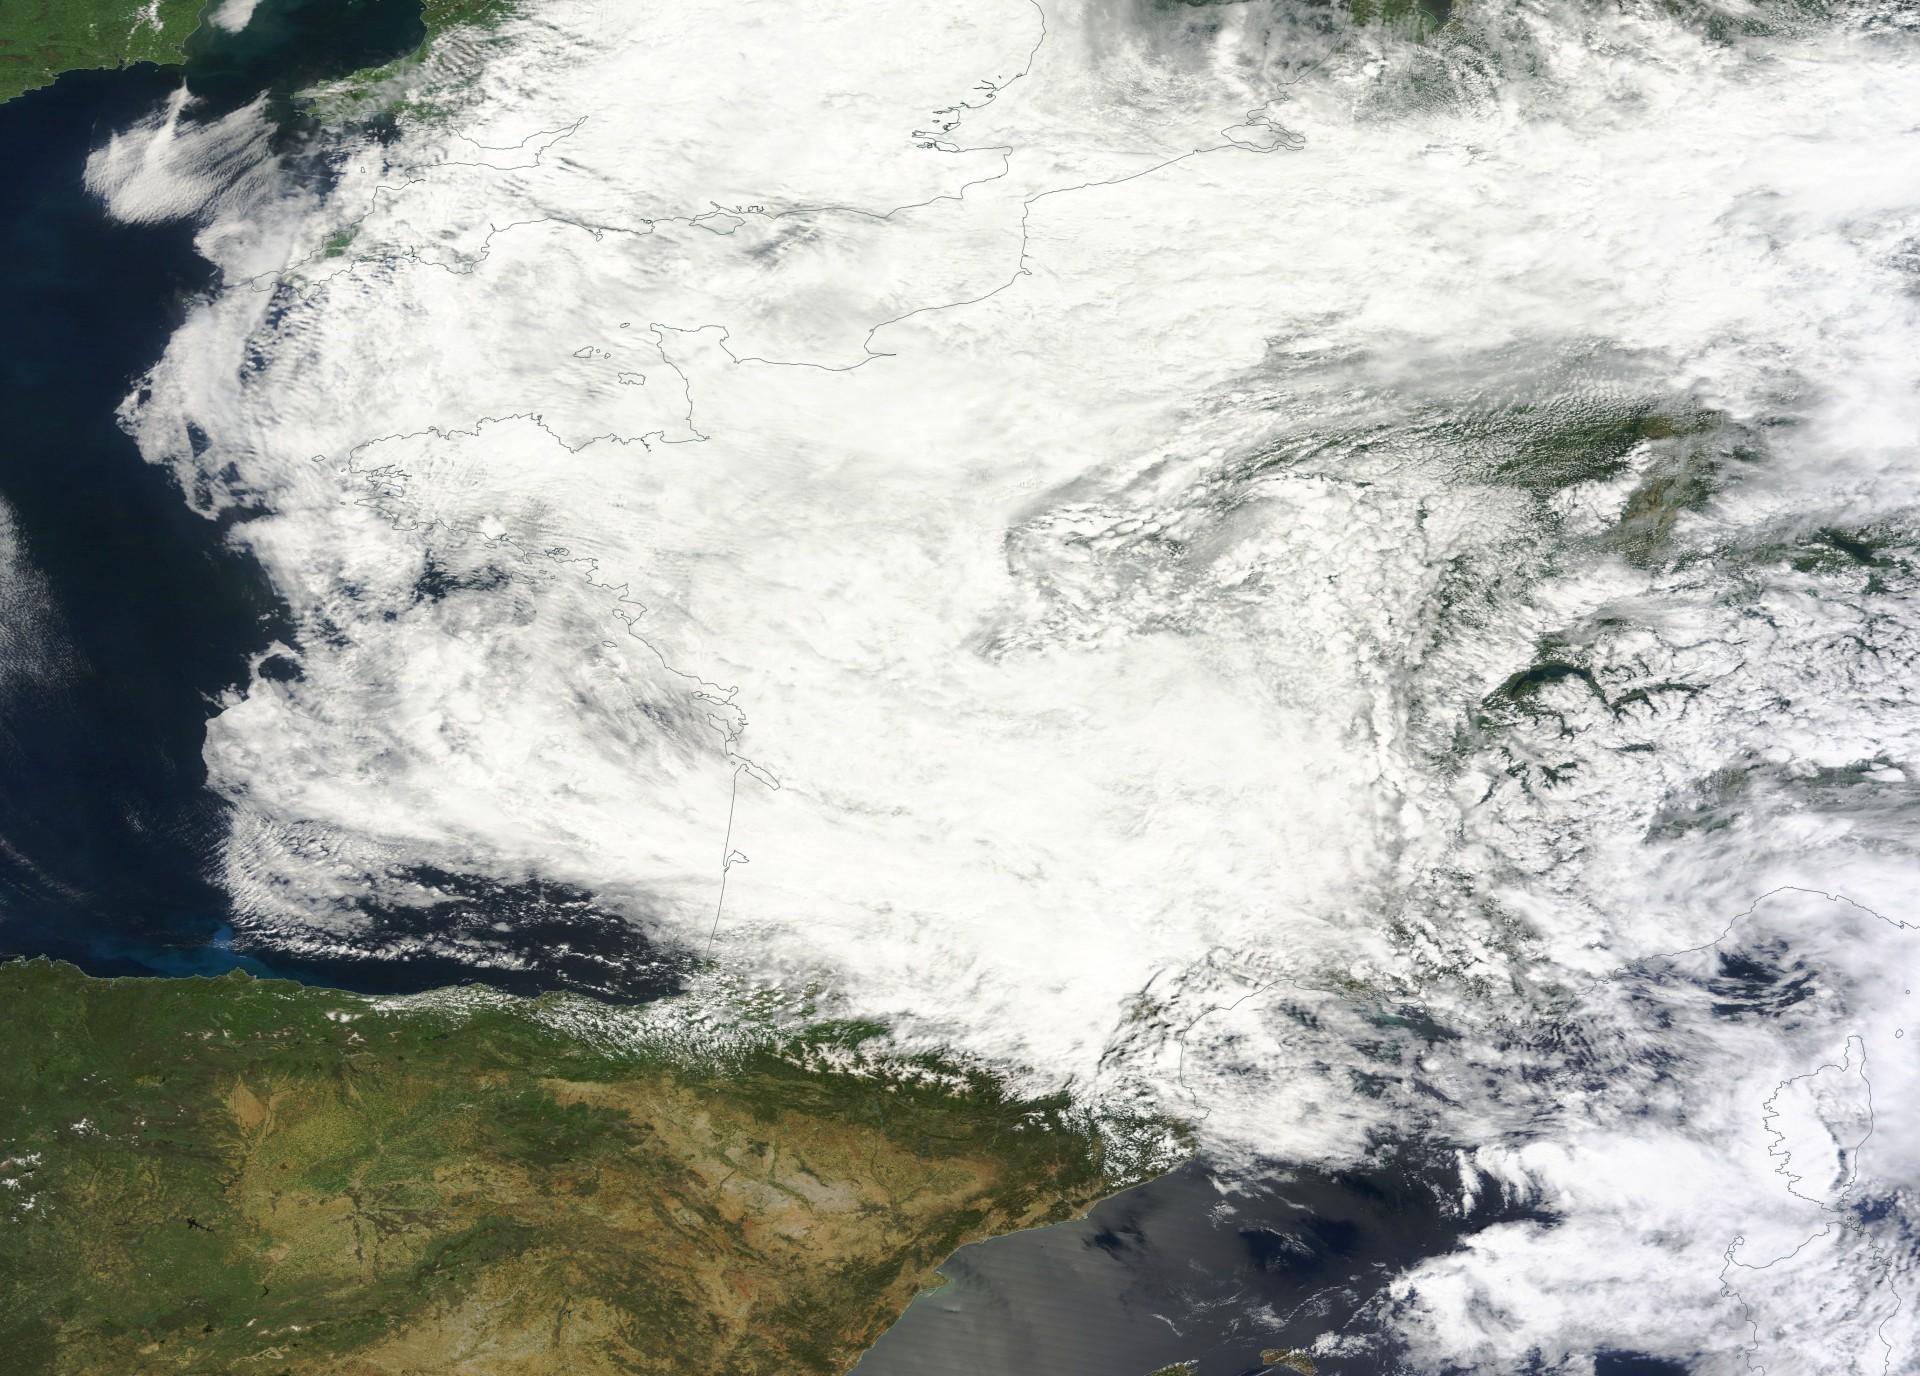 France - Pluies exceptionnelles - épisode pluvieux - Mai 2016 - satellite - Aqua - MODIS - Nuages